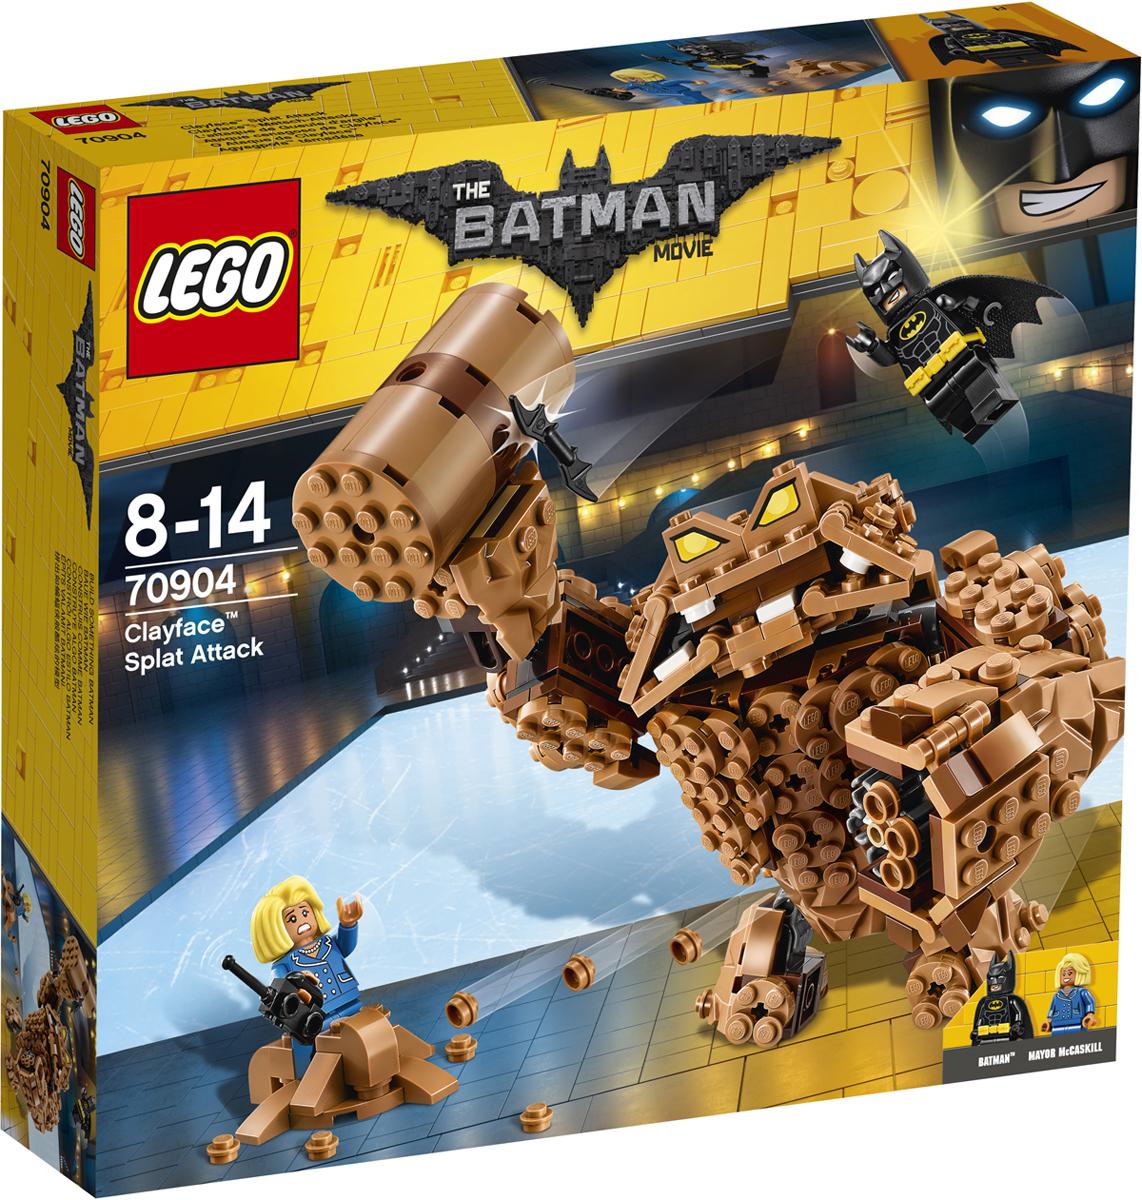 LEGO Batman Movie Конструктор Атака Глиноликого 7090470904Глиноликий ворвался на вечеринку по случаю ухода на пенсию комиссара Гордона и стреляет глиной направо и налево. Вместе с Бэтменом спеши на место преступления и встреться с суперзлодеем лицом к лицу. Но будь осторожен: Глиноликий вооружен шестизарядным скорострельным шипометом и молотом из глины. Уклоняйся от ударов молота и глиняных снарядов и дерись с помощью бэтаранга. Освободи мэра Мак-Каскила из глиняного плена и доставь ее в безопасное место.